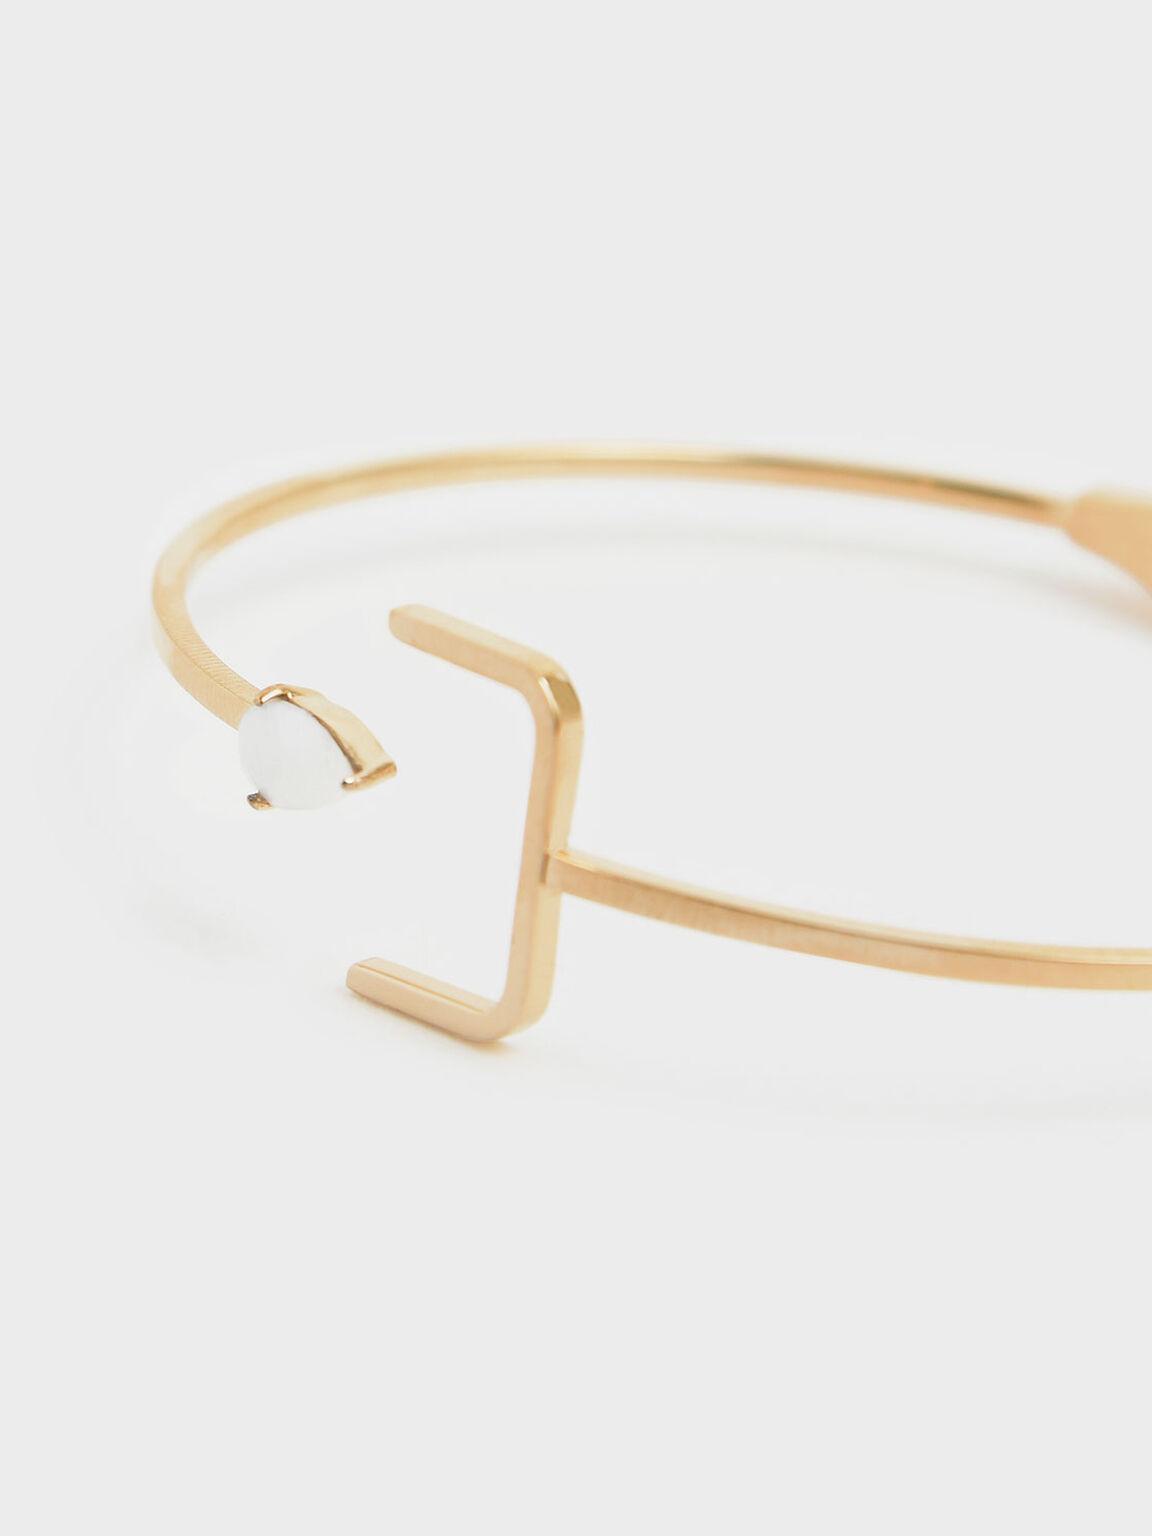 月光石簡約手環, 金色, hi-res